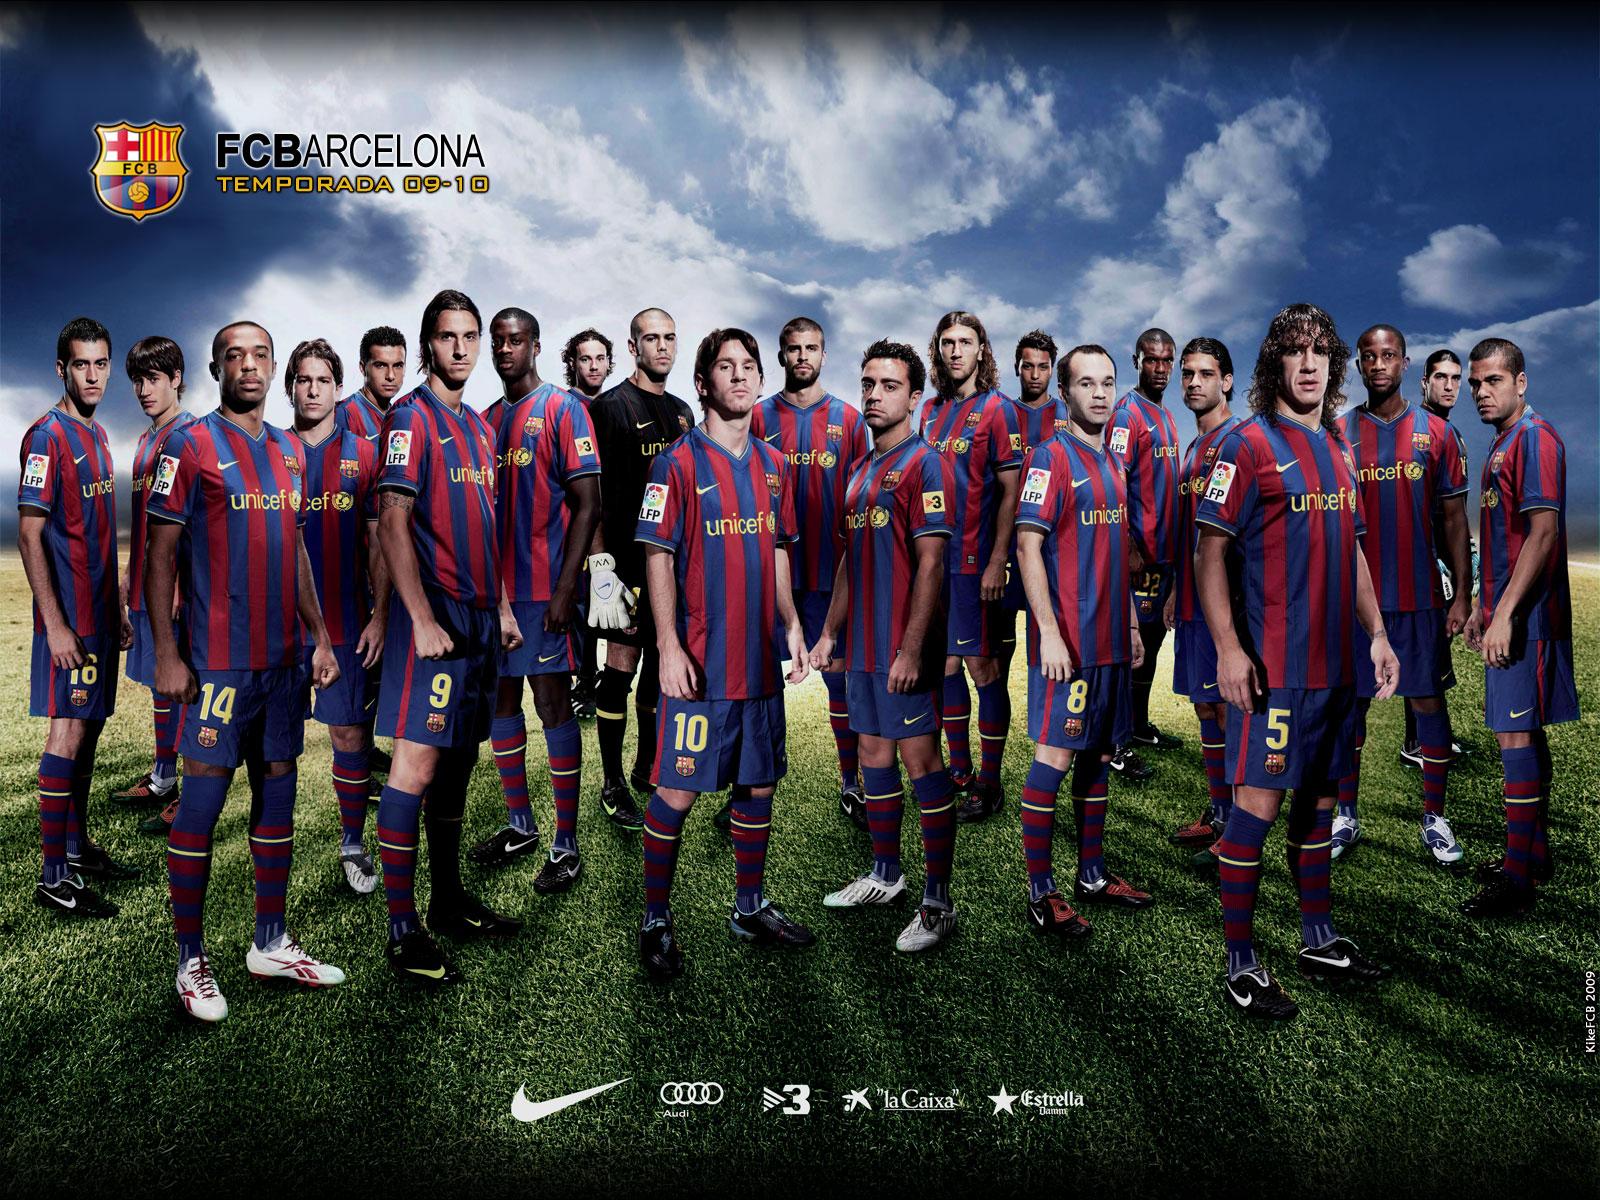 Картинки Барселоны футбола - самые прикольные и красивые 3